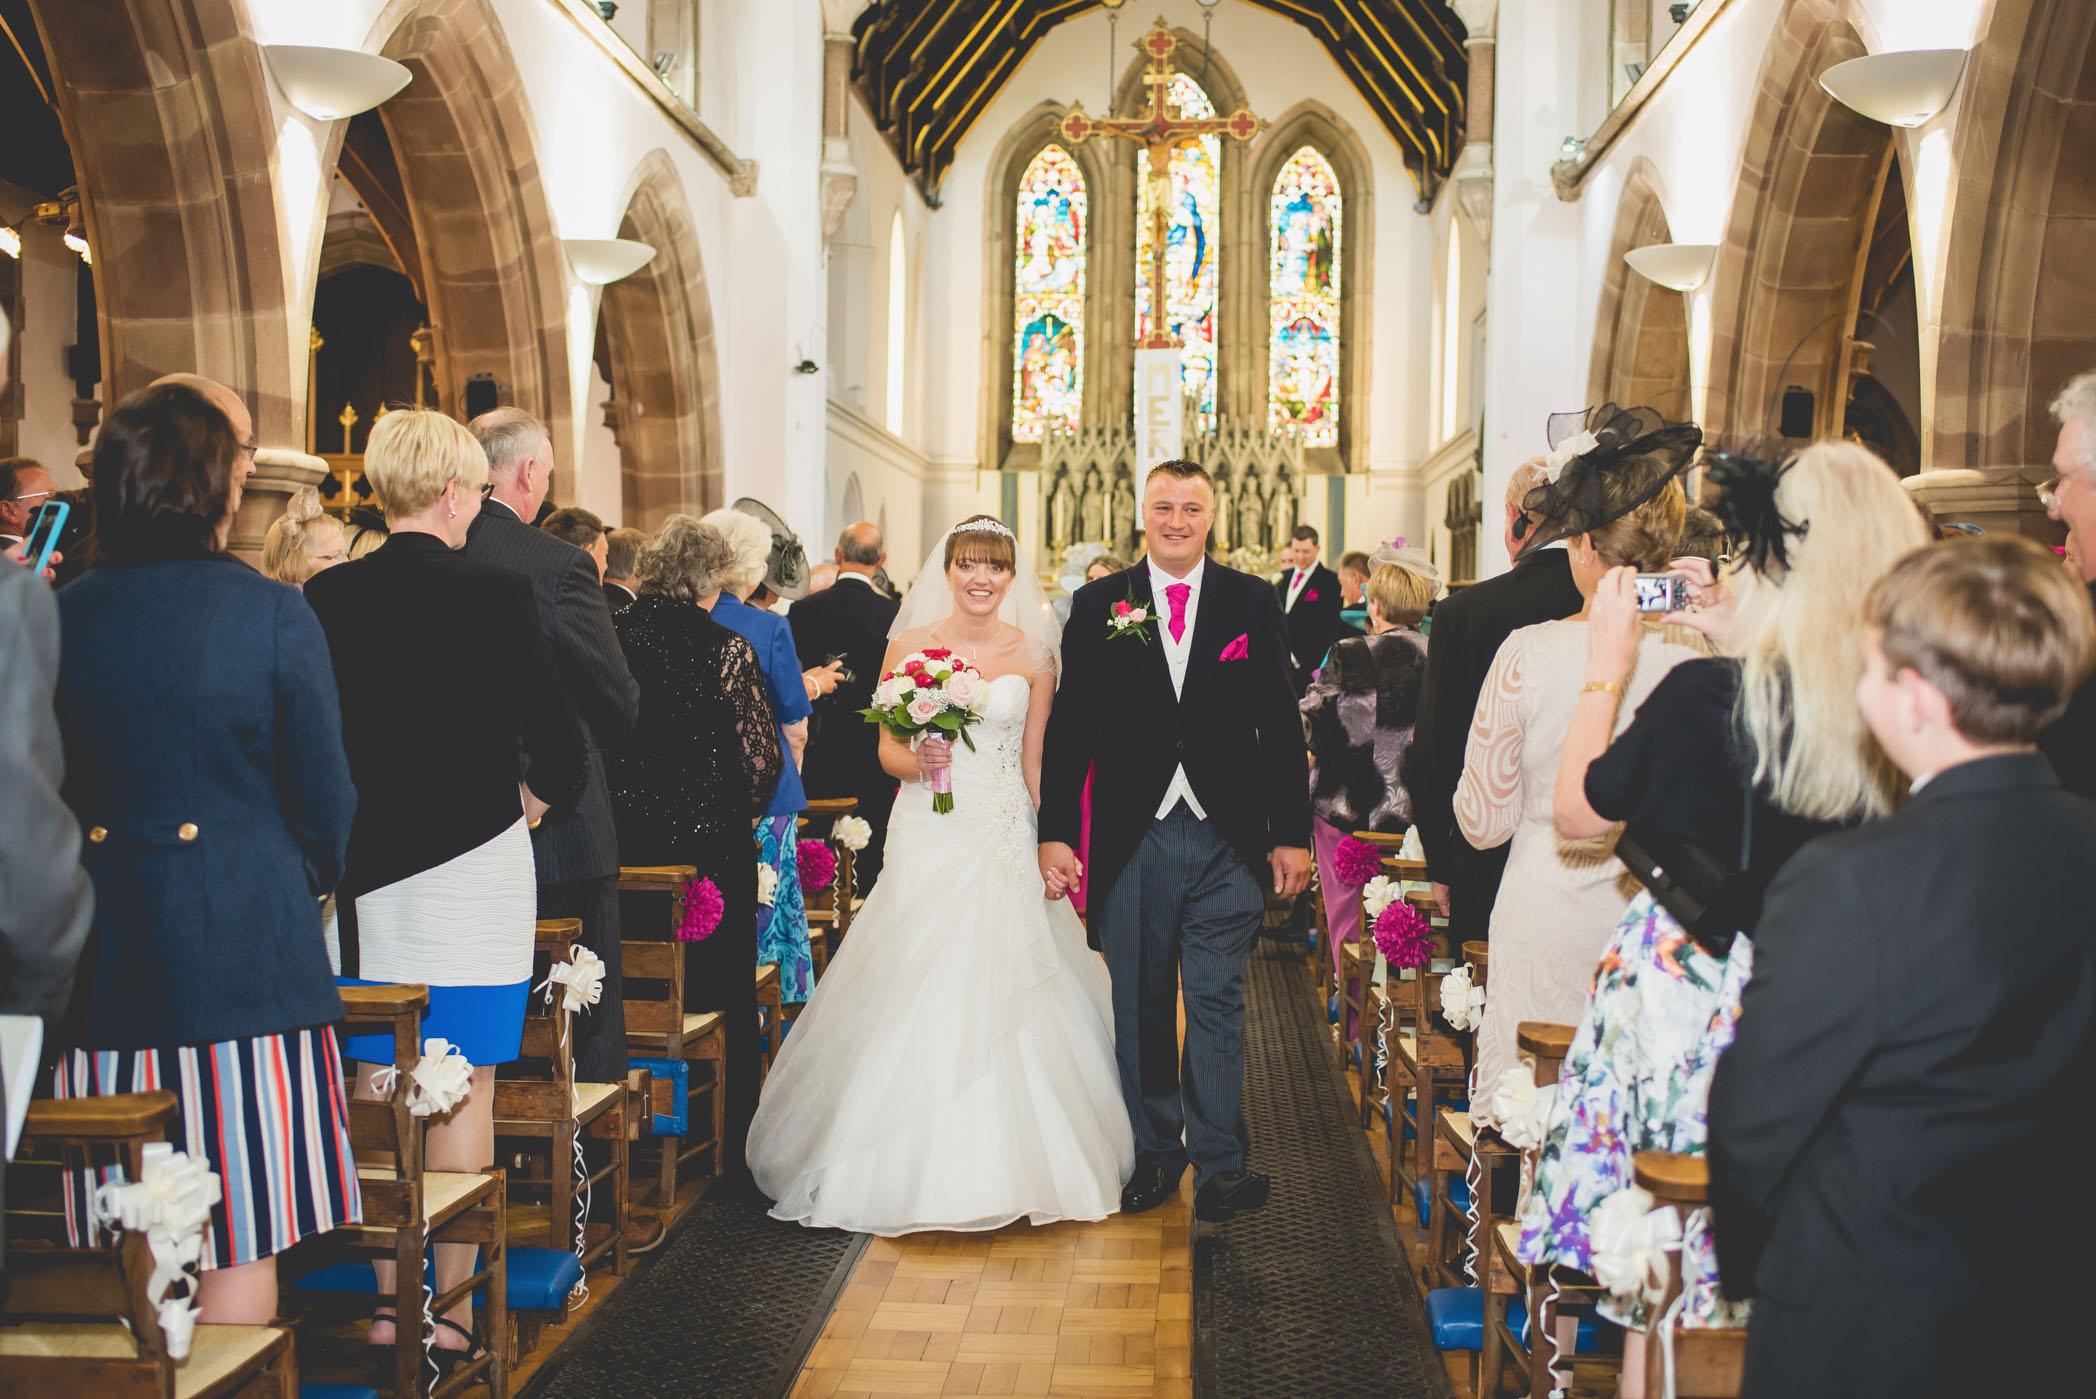 Farm-wedding-staffordshire-st-marys-catholic-church-uttoxter-39.jpg